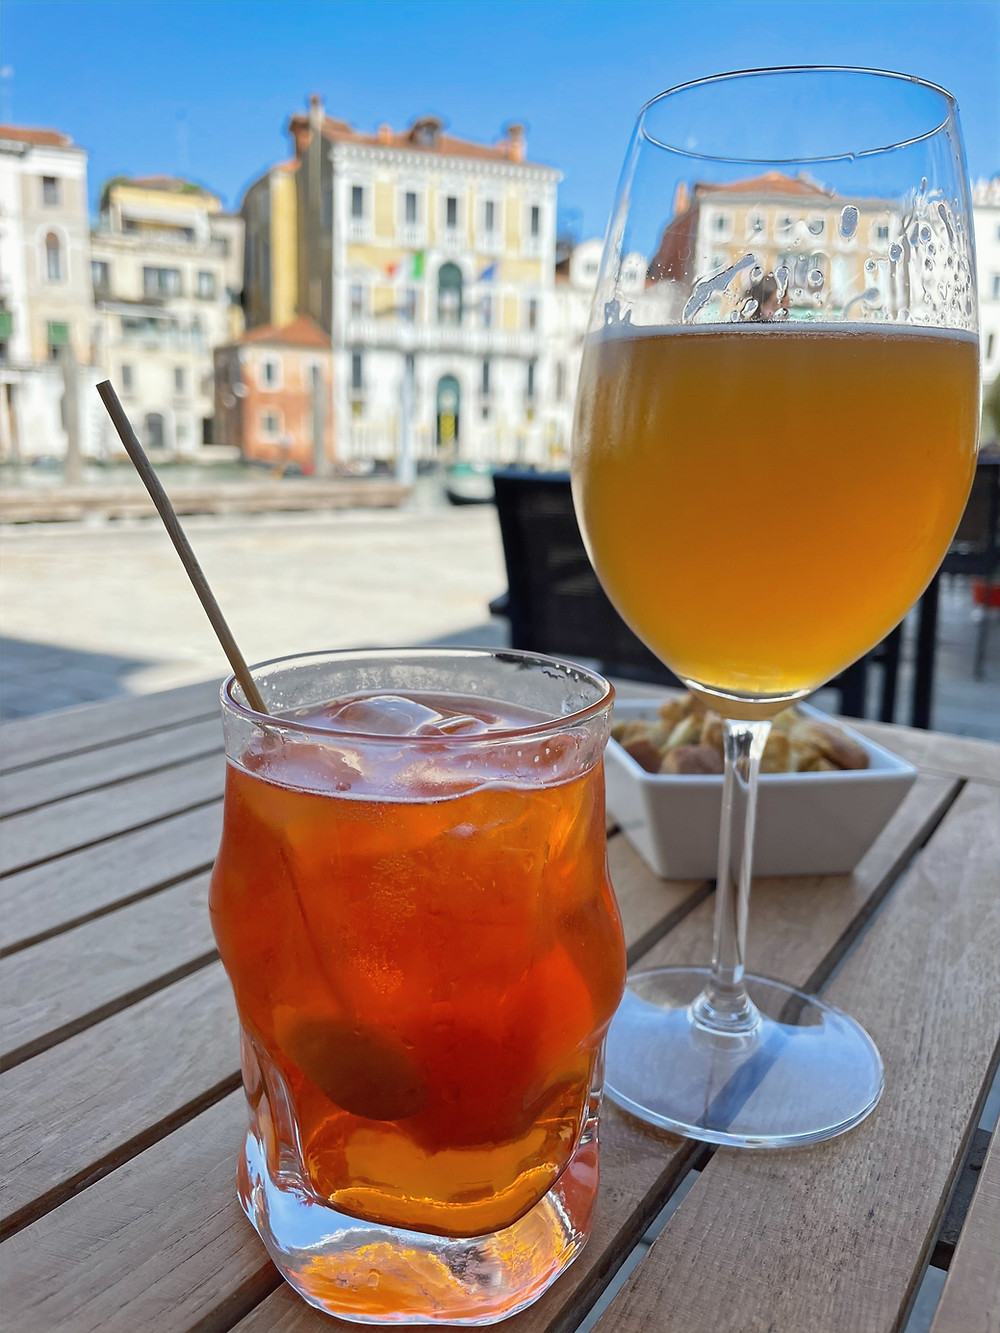 Degustando un Spritz Veneziano en Campo San Giacometto en Venecia, Italia.